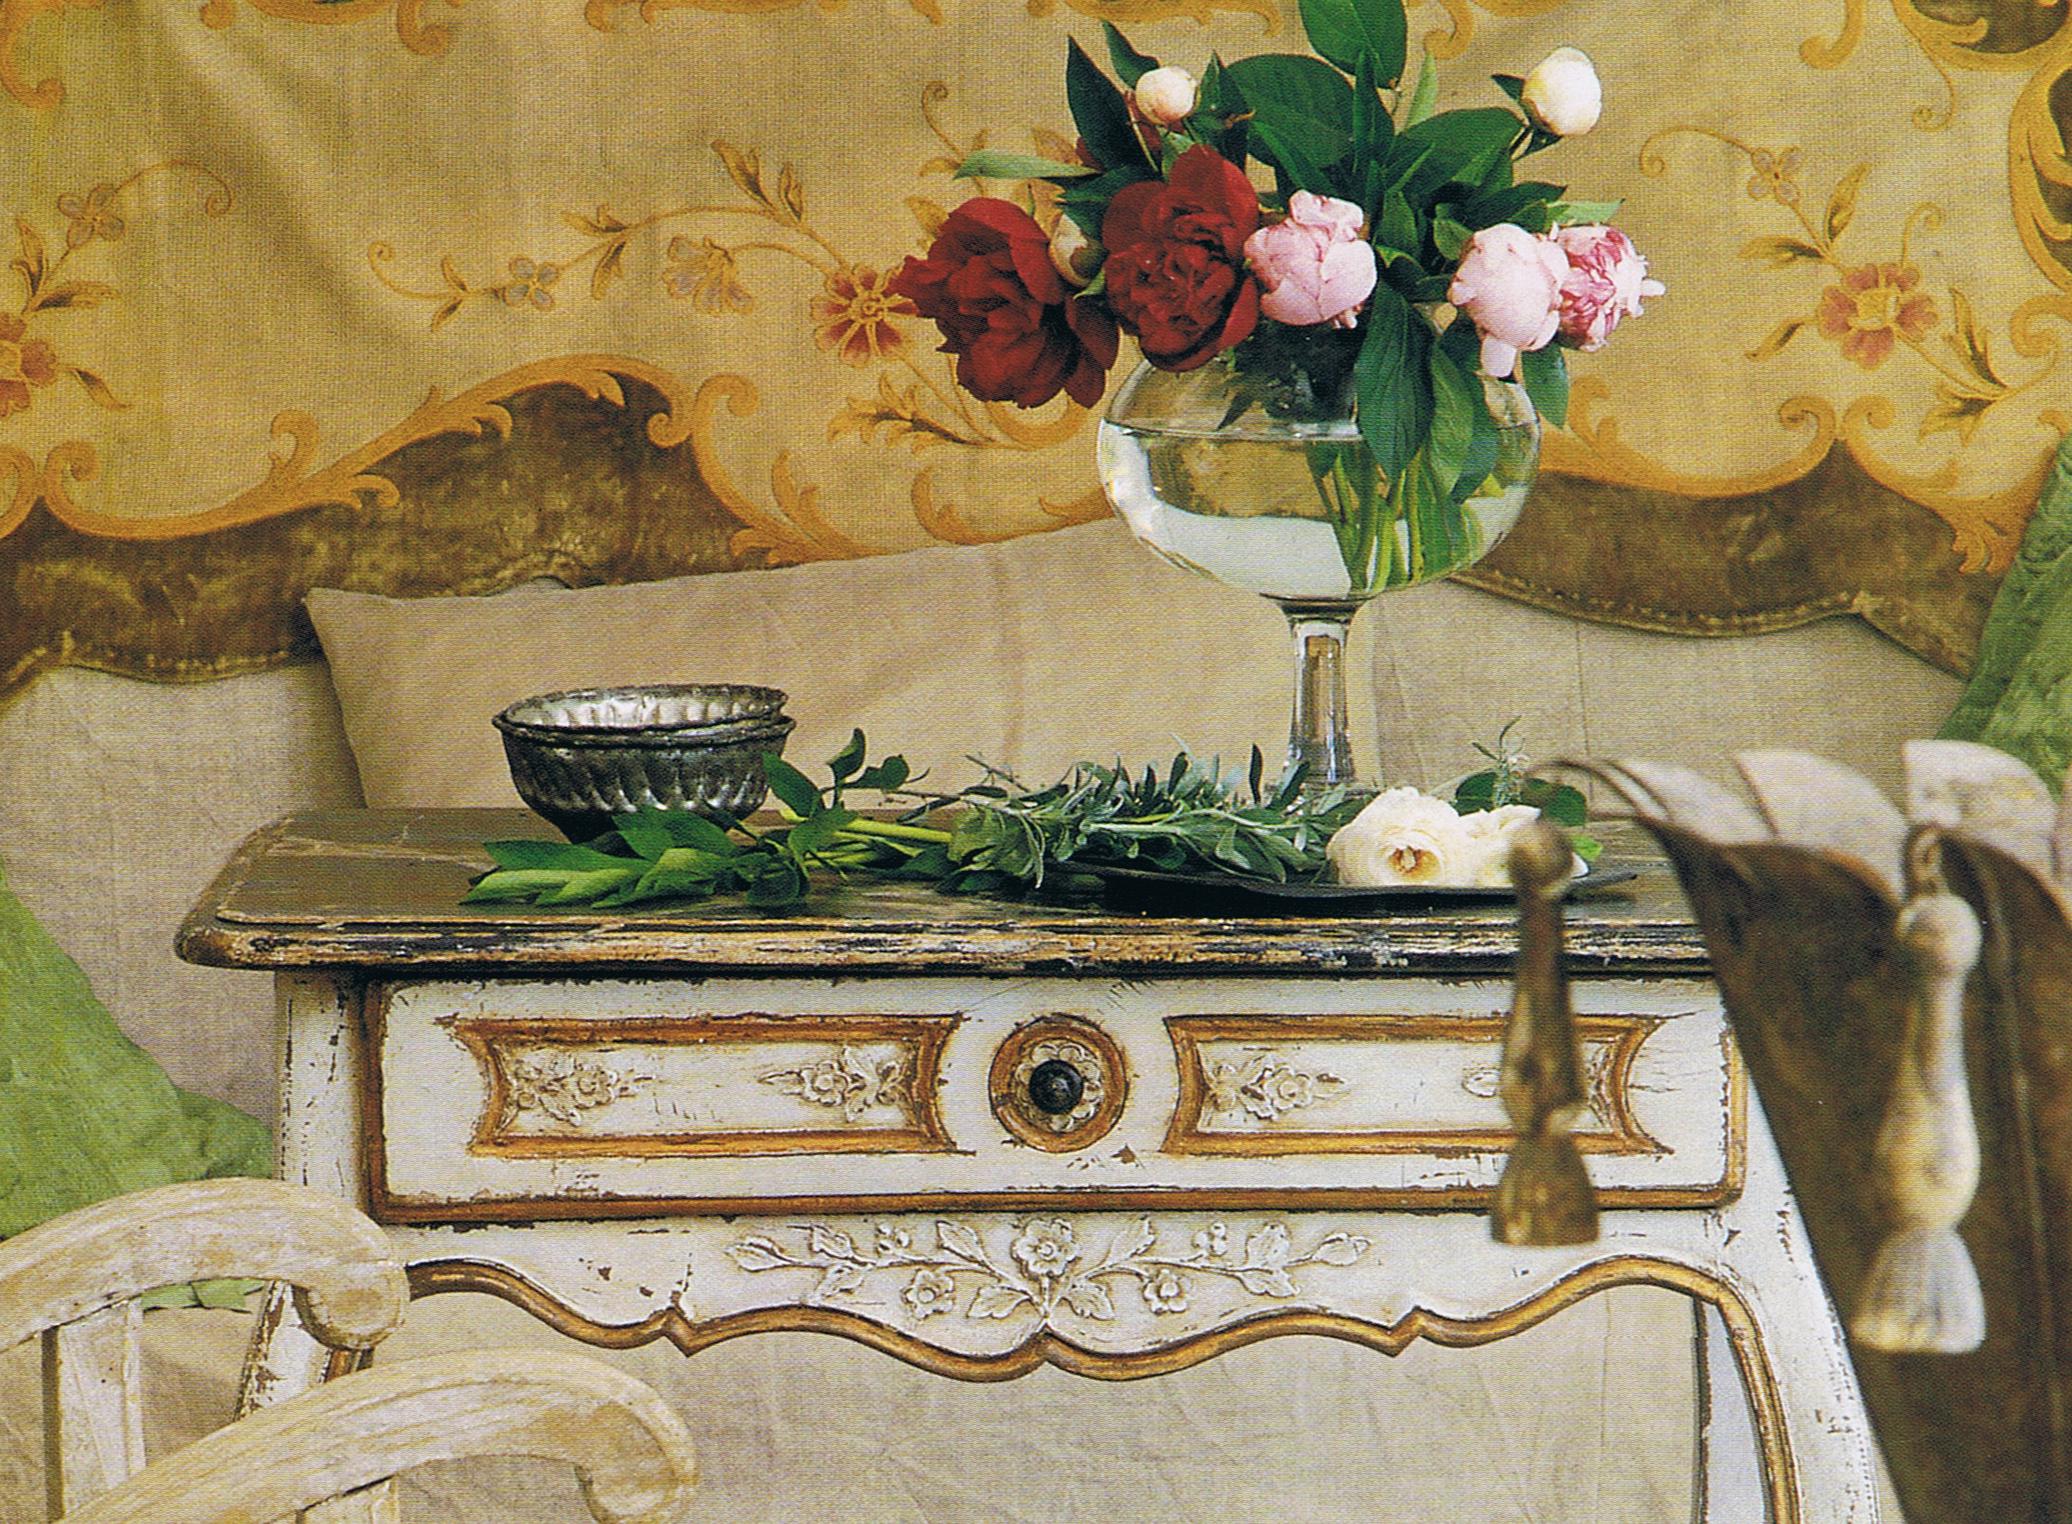 Декоративный столик в стиле прованс